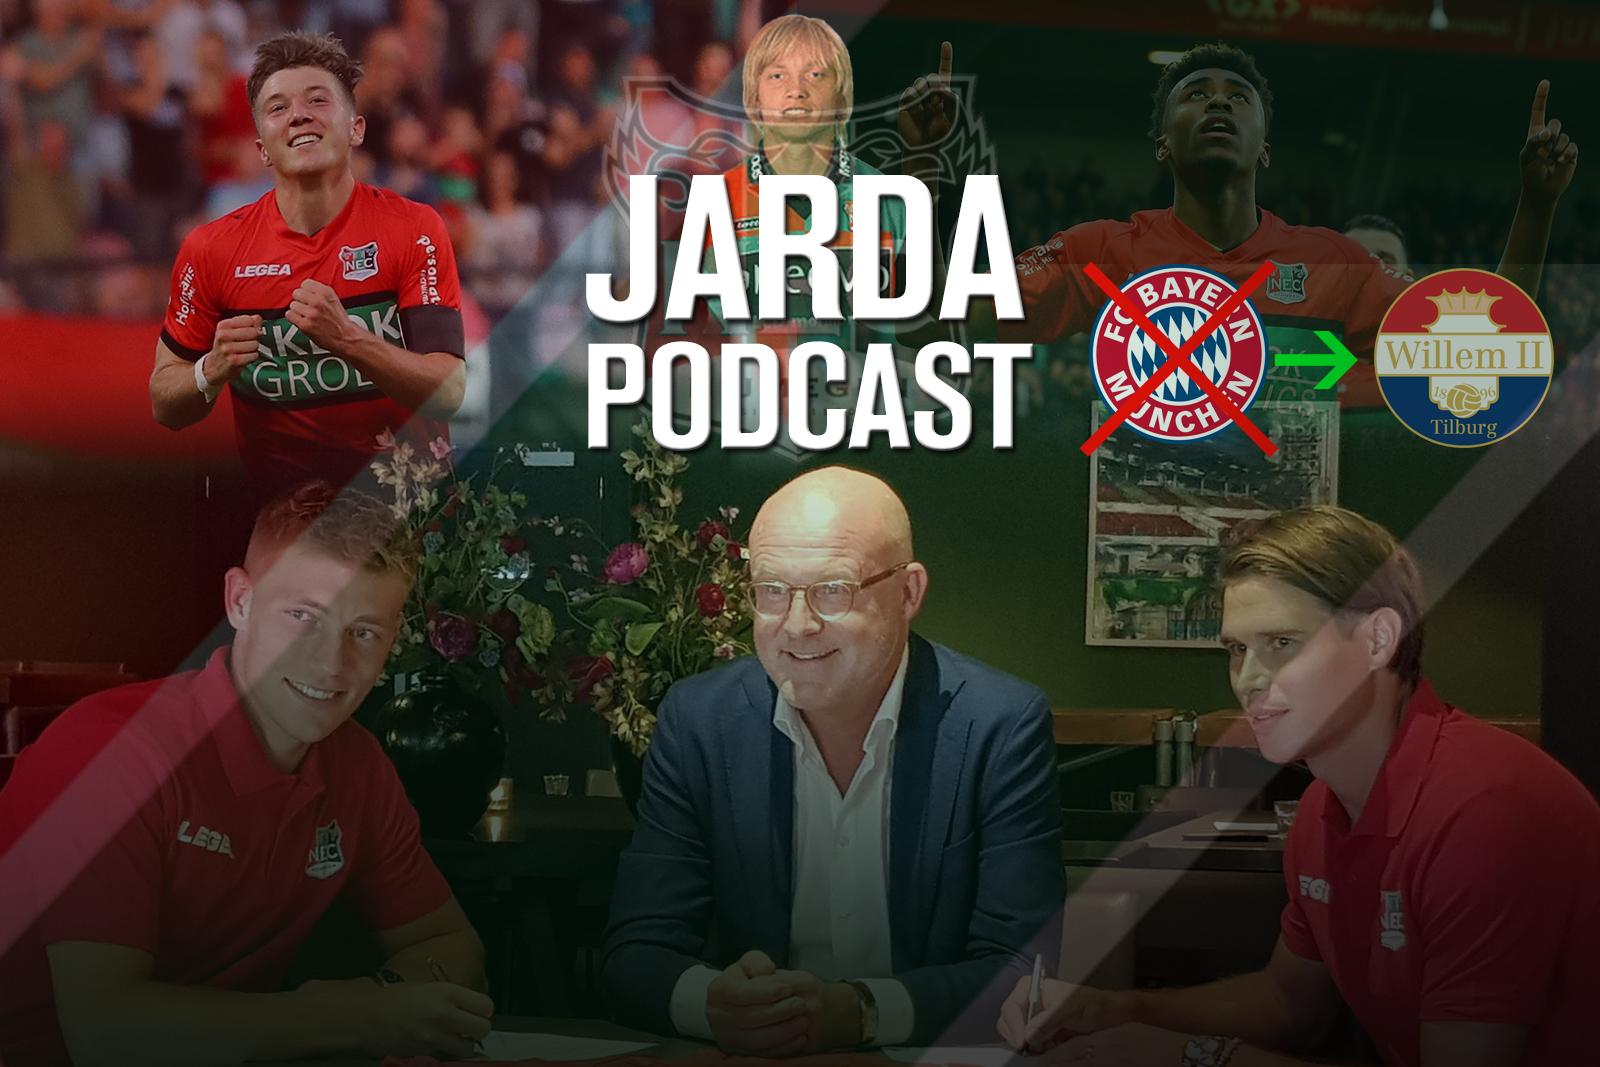 Jarda Podcast #19: Alles over de drukke Deadline Day van NEC